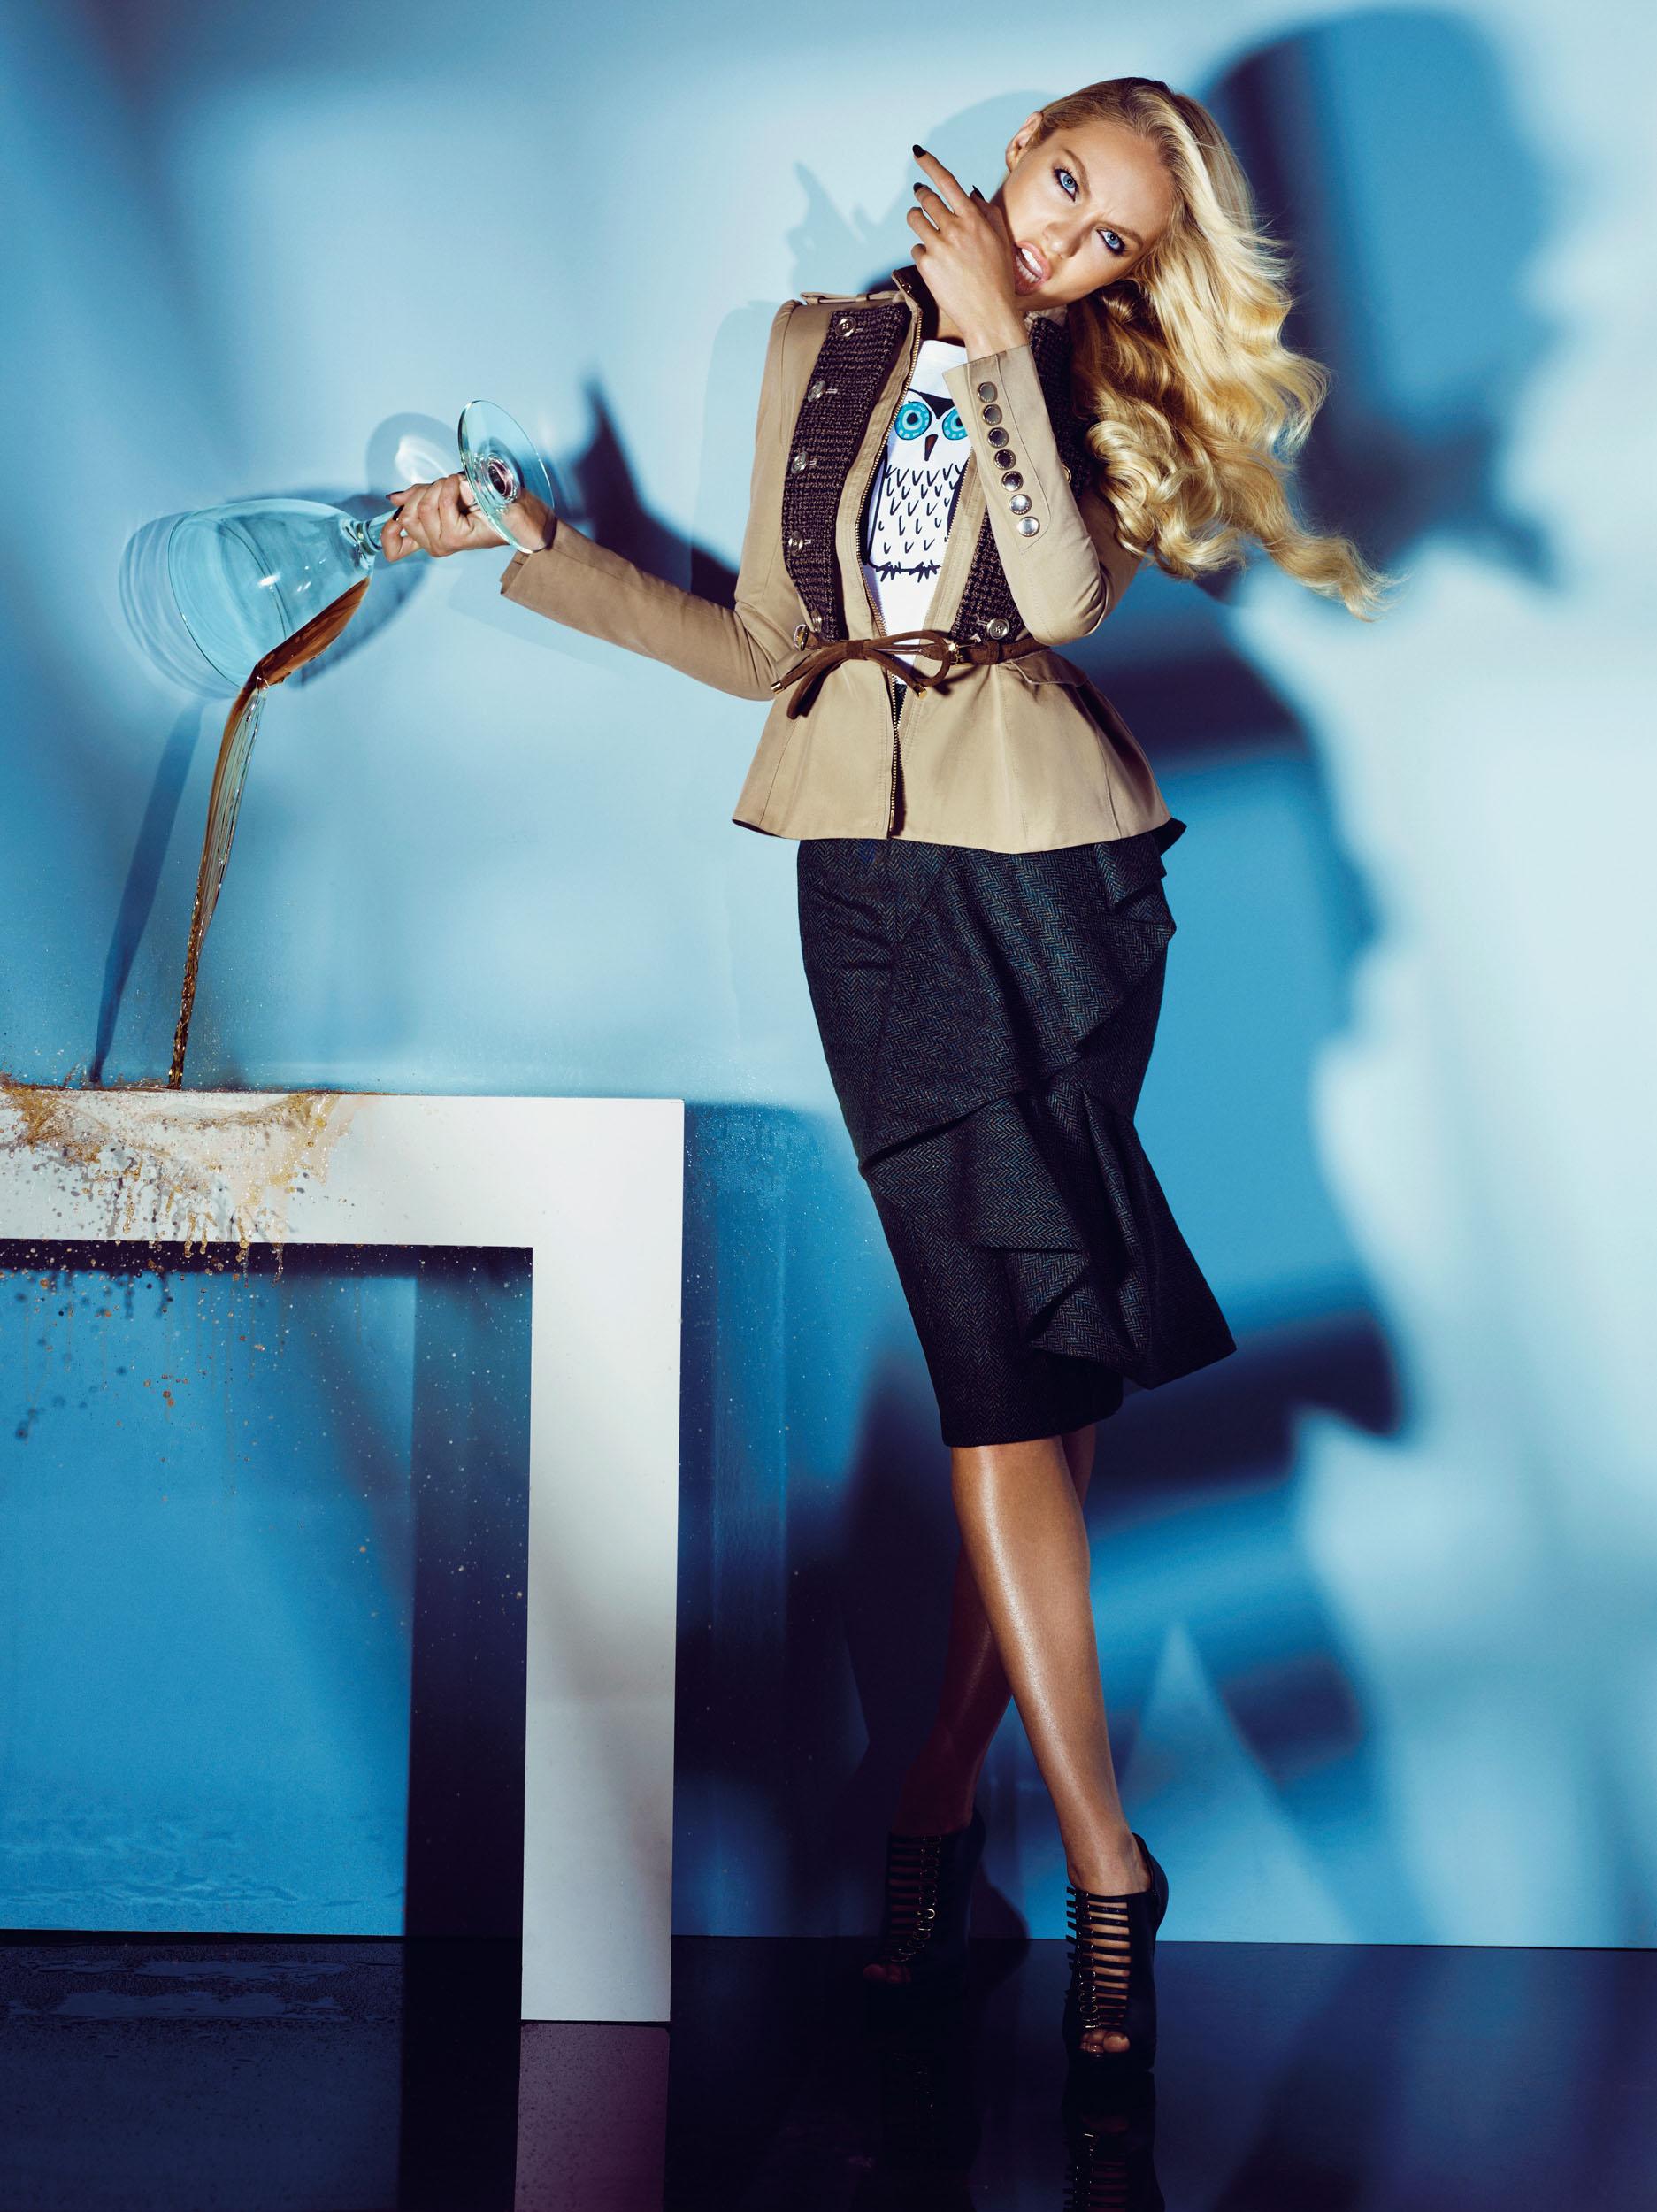 Fashion photo shoot themes 4